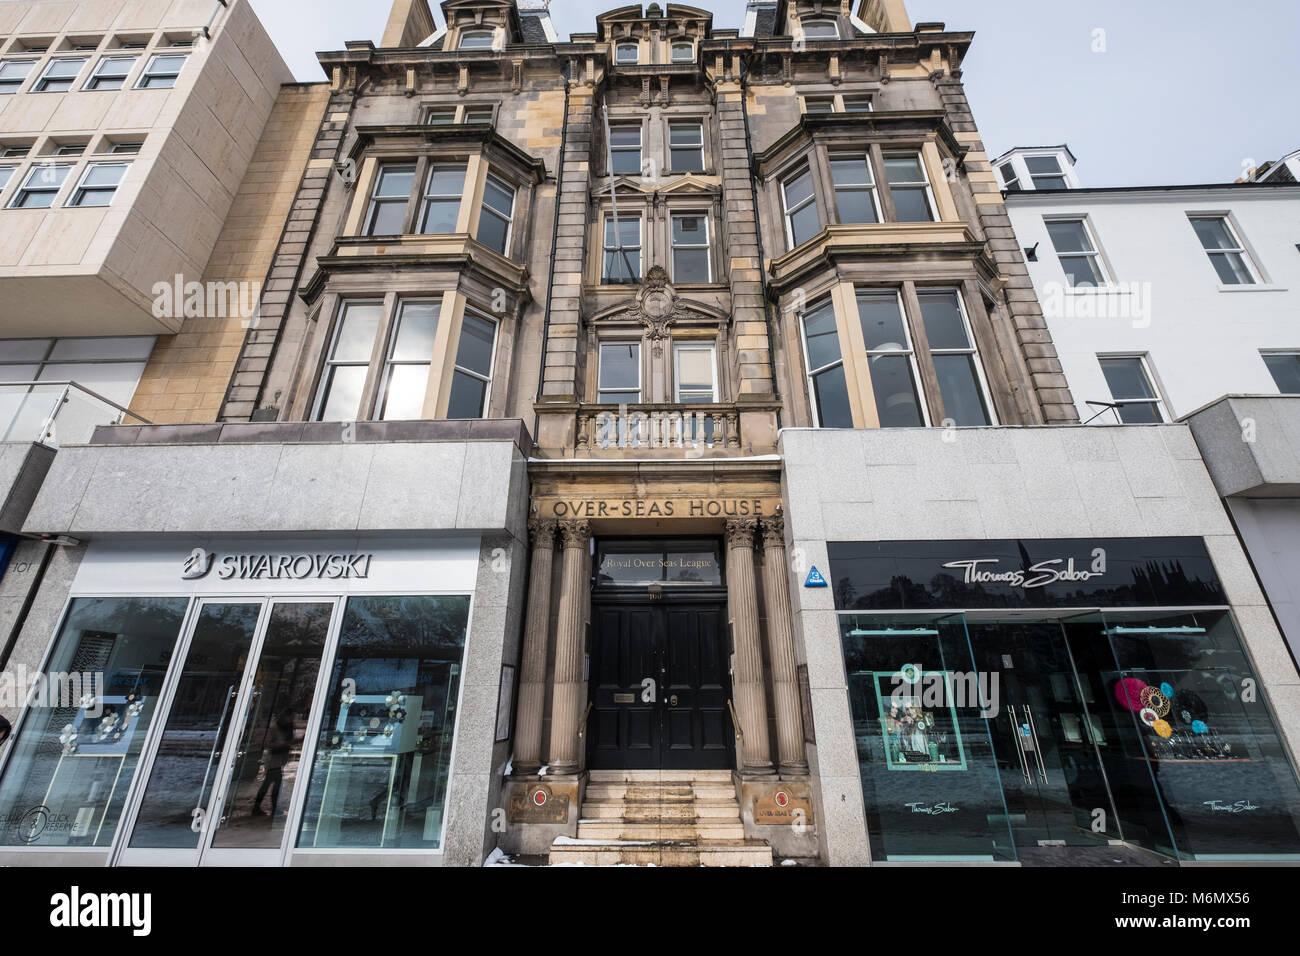 Over-Seas House entrée à Over-SeasOrganisation Ligue royale sur Princes Street, Edinburgh, Ecosse, Royaume Photo Stock